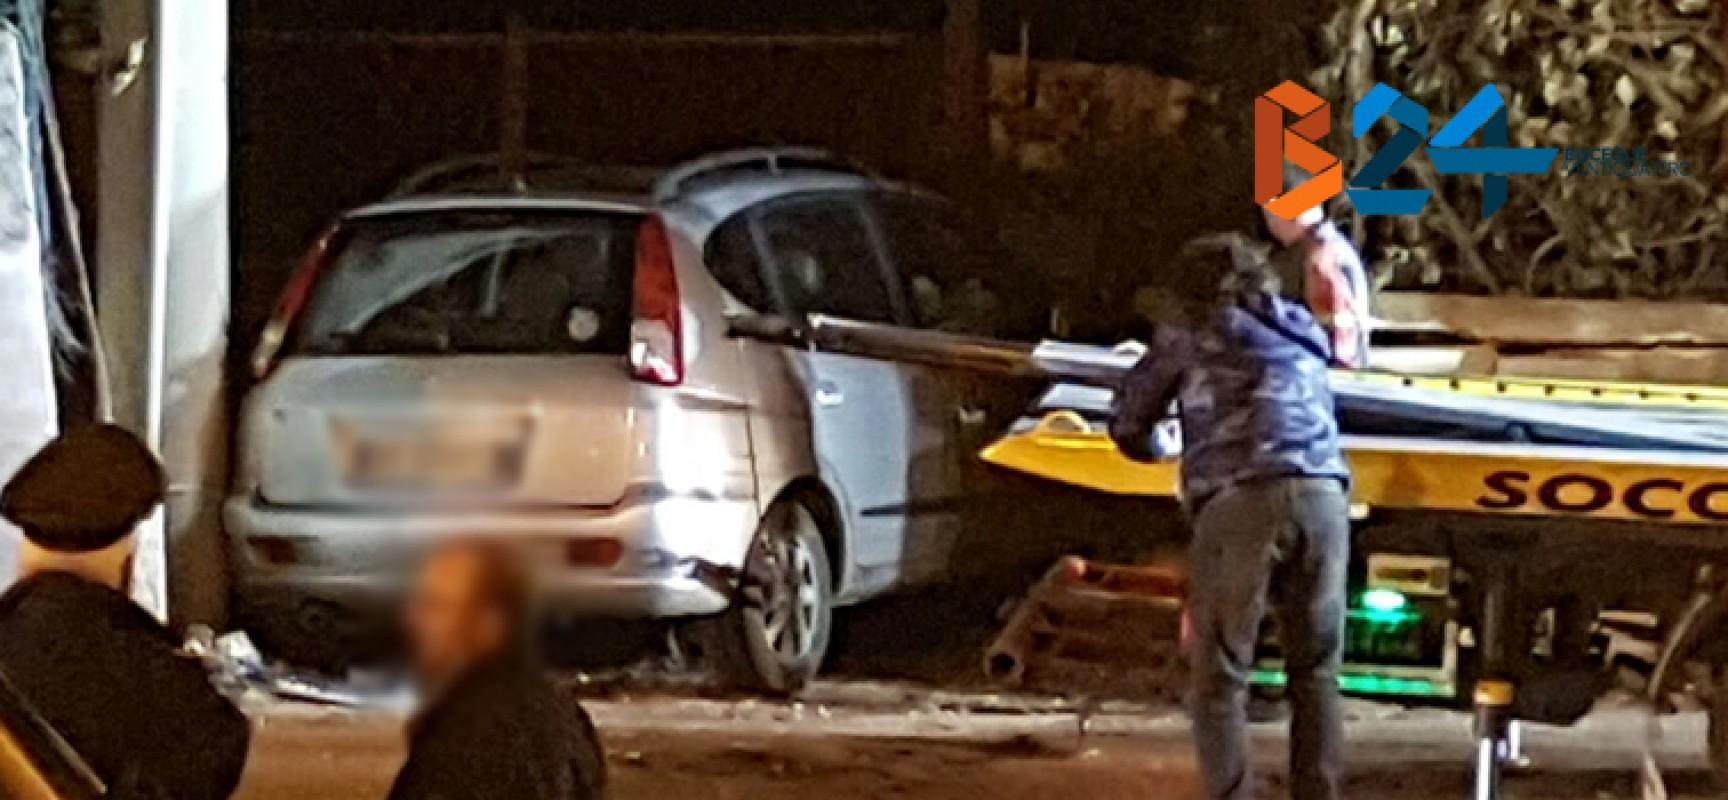 Incidente in via Imbriani, auto si incastra davanti a proprietà privata